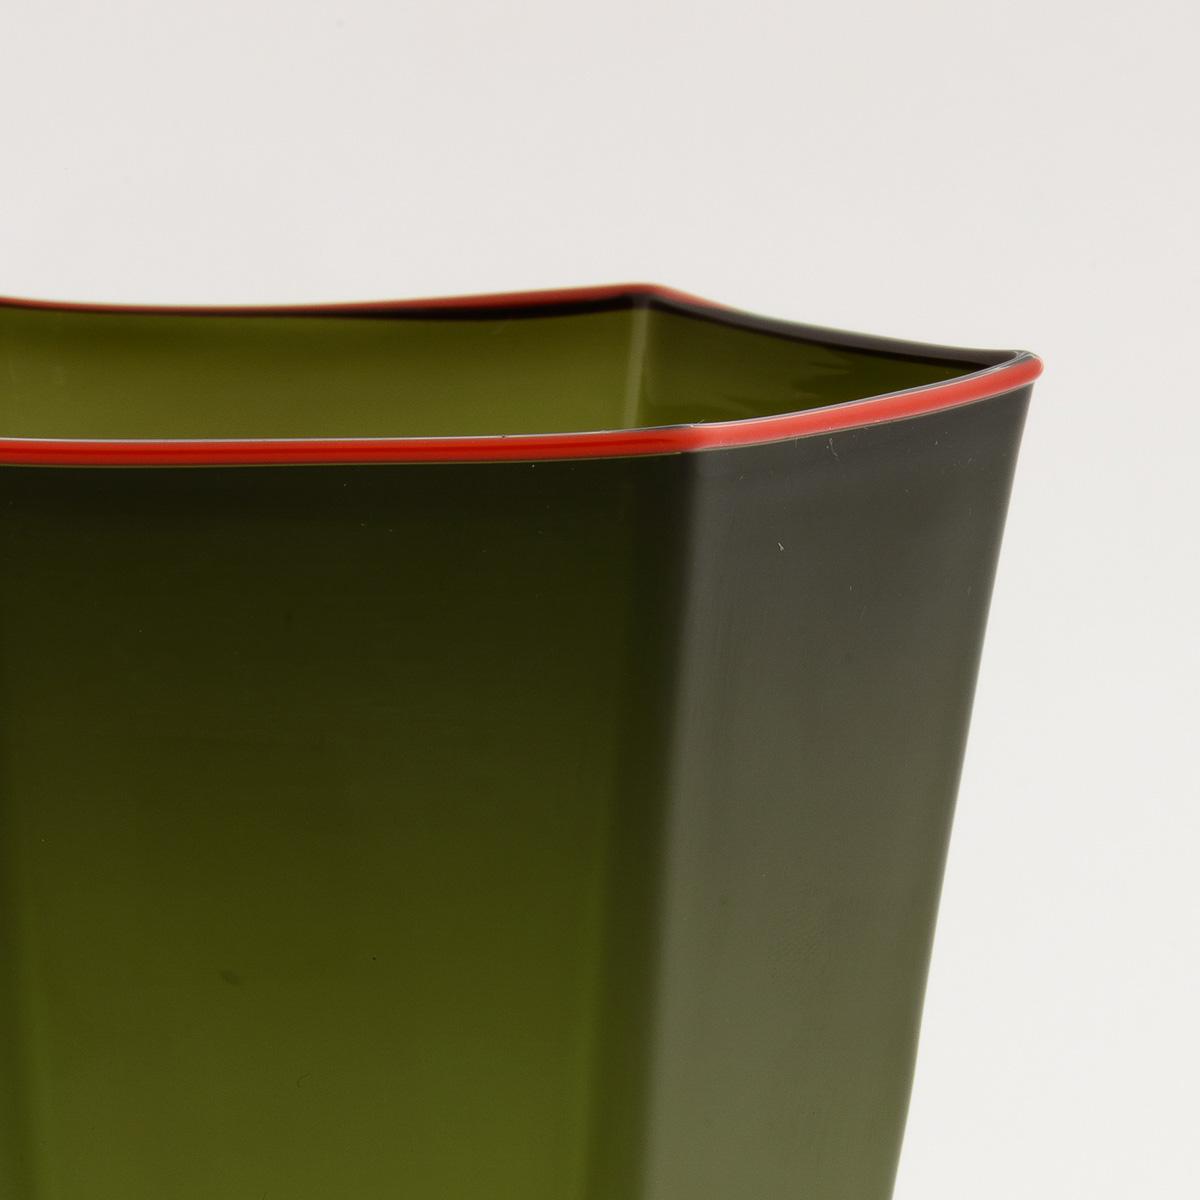 laguna-glass-green-red-rim-giberto-handmade-murano-wine-luxury